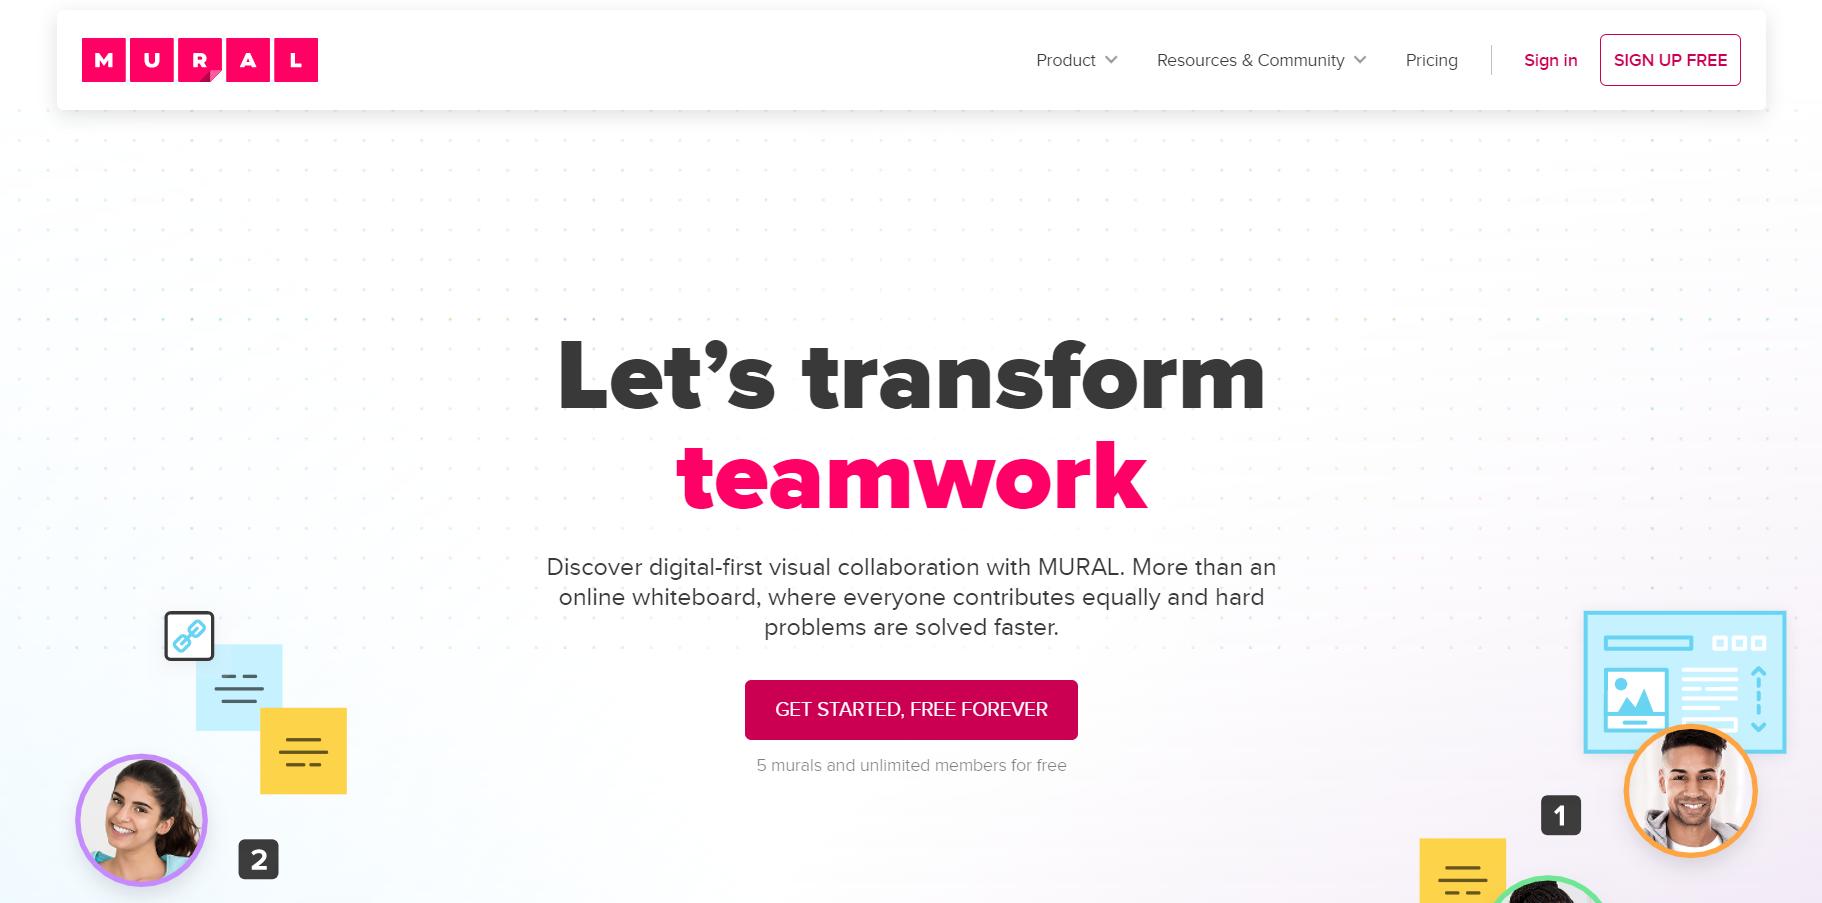 Mural.com website